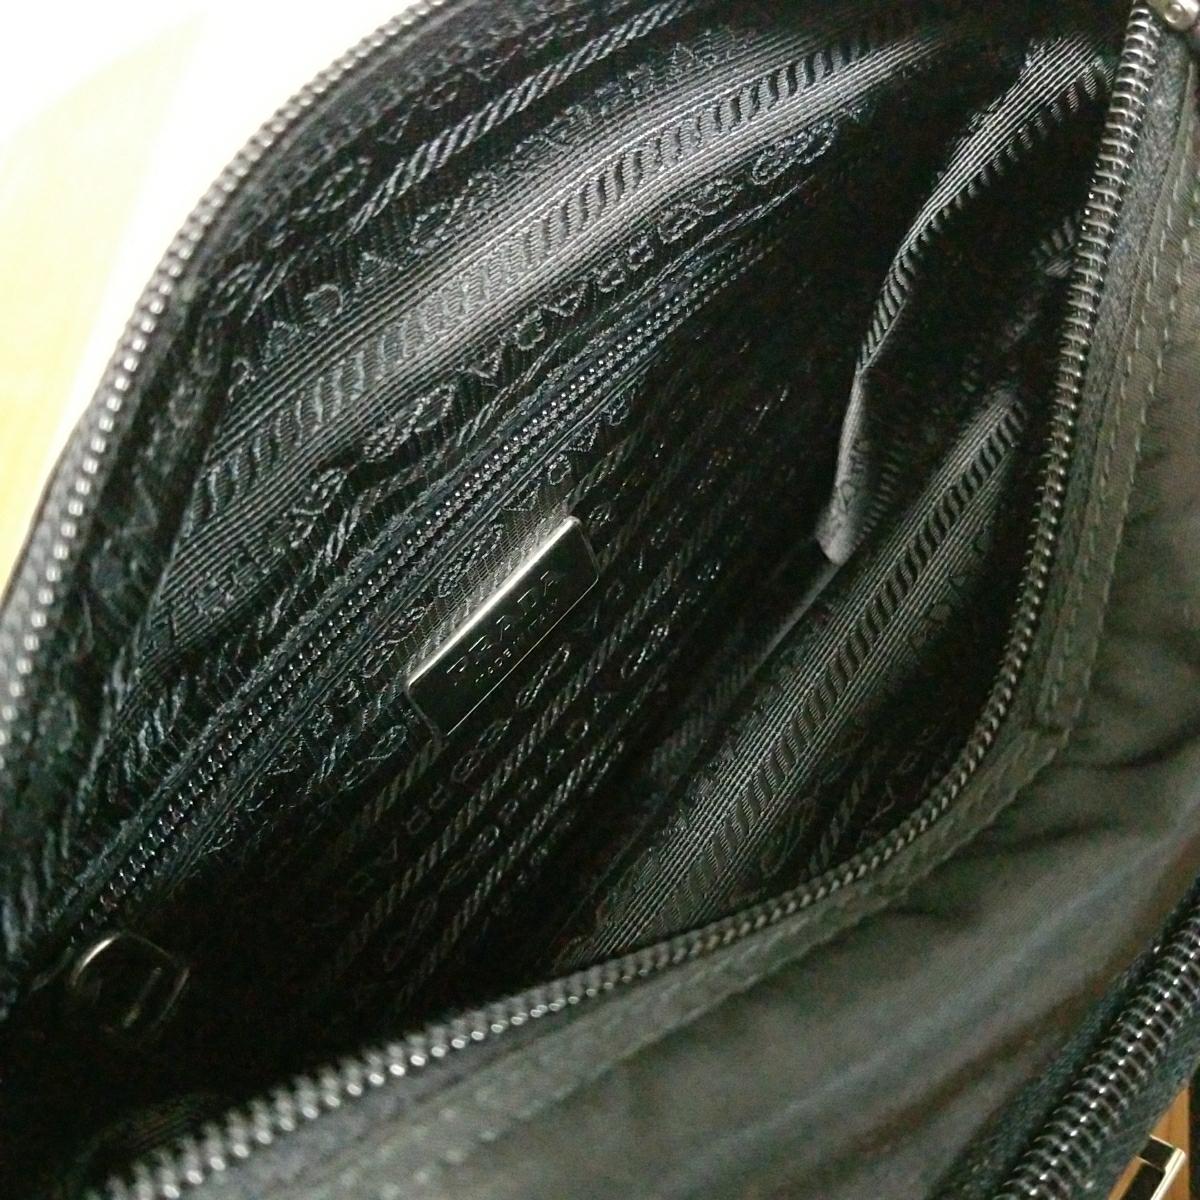 【正規品】新品 PRADA プラダ ショルダーバッグ 保存袋・ギャランティカード付 気持ち良く使って頂けます_画像2